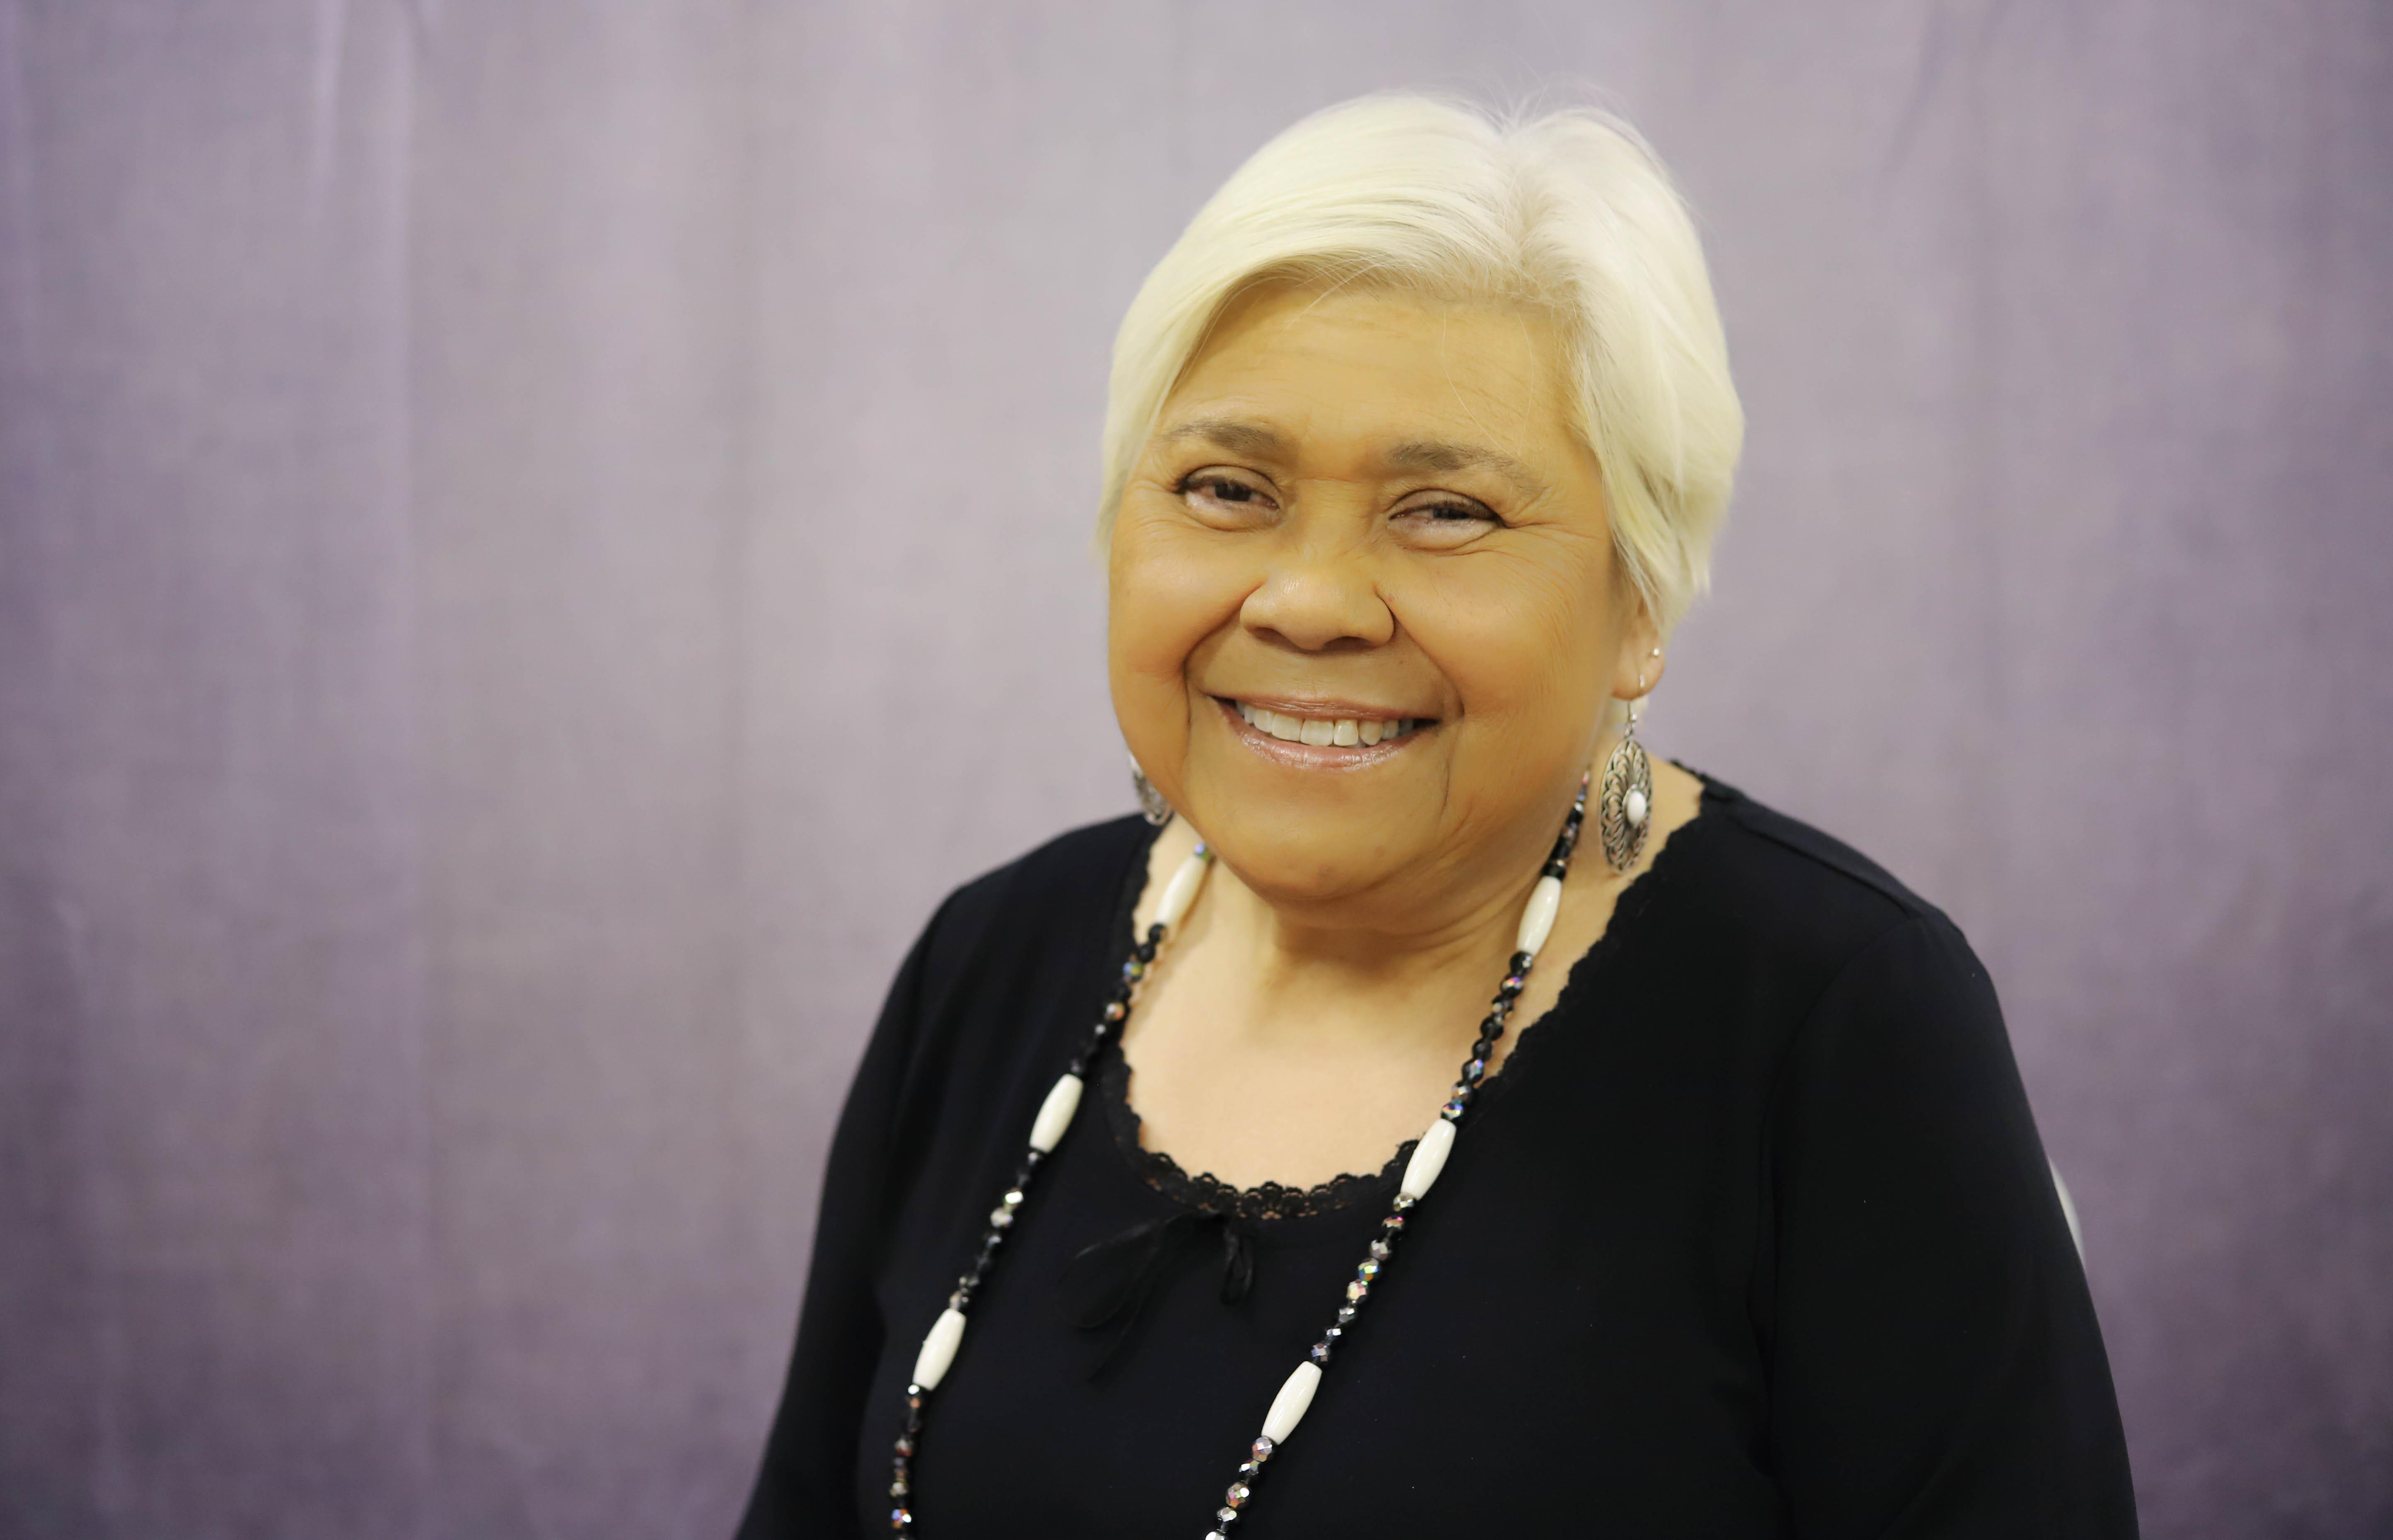 Anne Marshall, cuyo esposo, Raymond Johnson, se encontraba entre las 168 personas que murieron en el atentado de 1995 contra el Edificio Federal Alfred P. Murrah en Oklahoma City. Foto cortesía de la Conferencia Anual Misionera Indígena de Oklahoma.